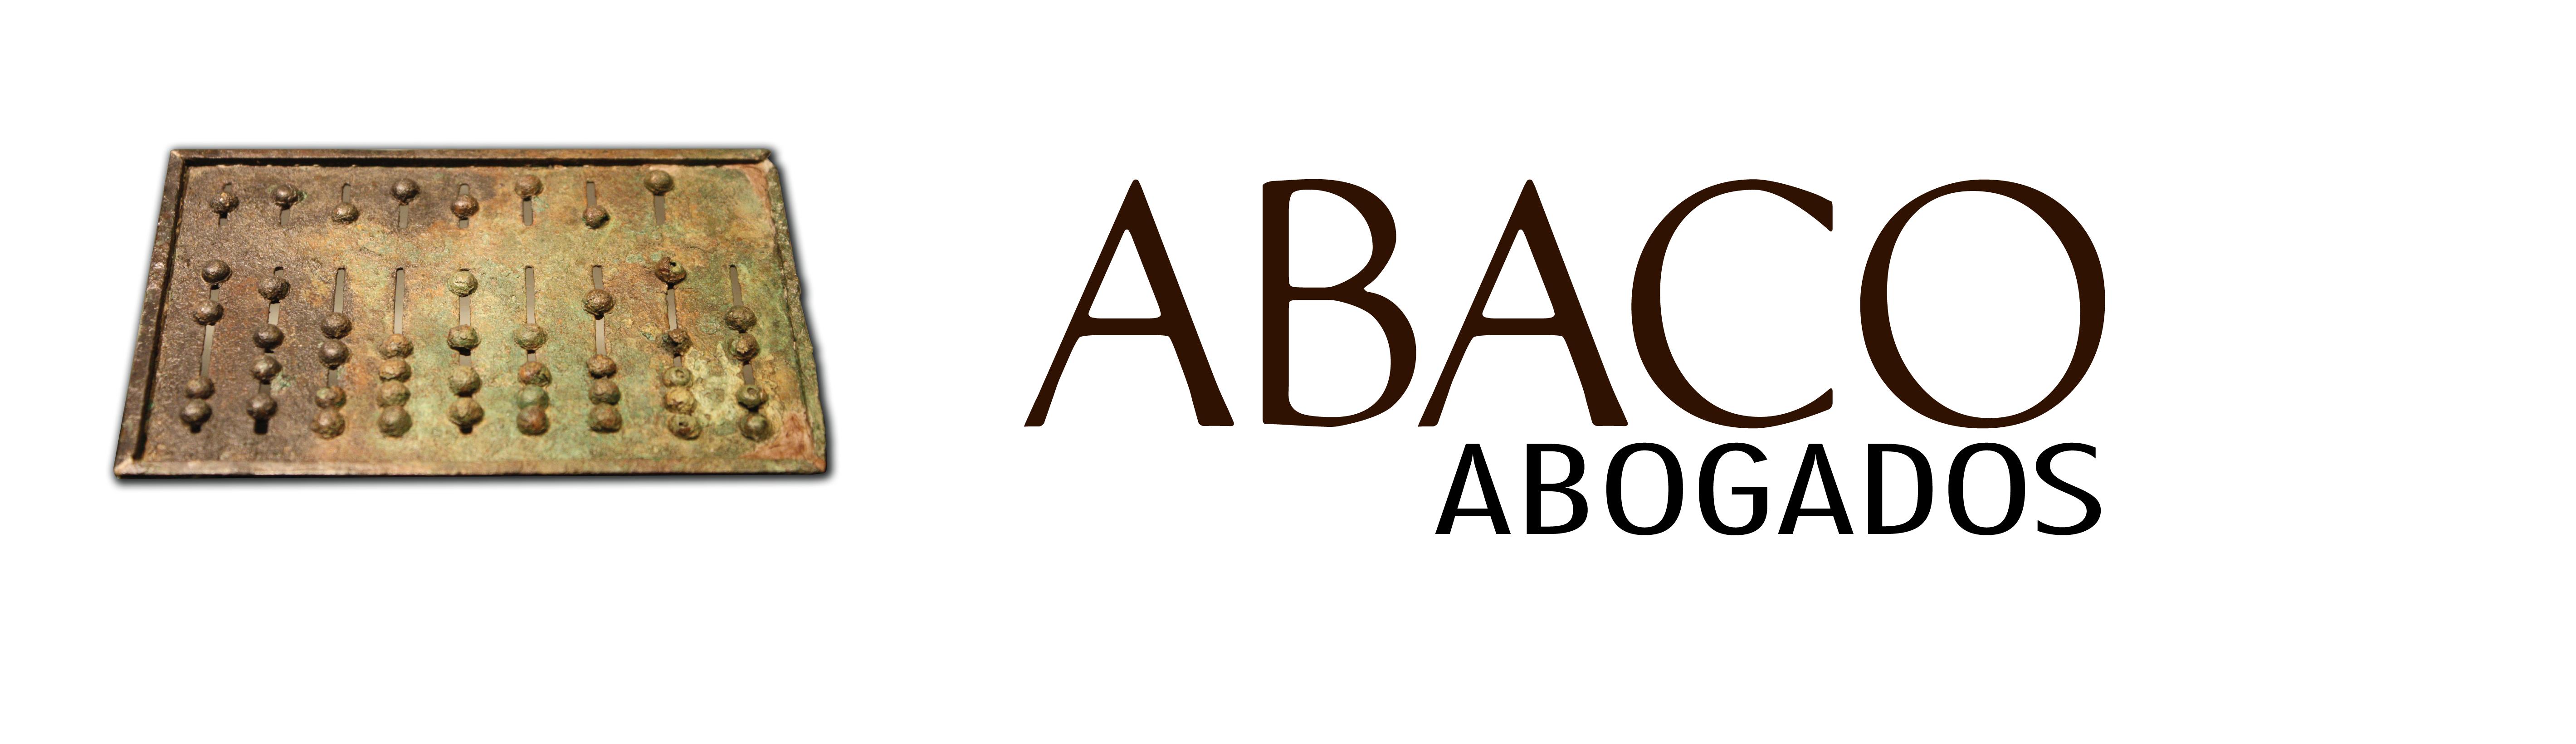 ABACO abogados